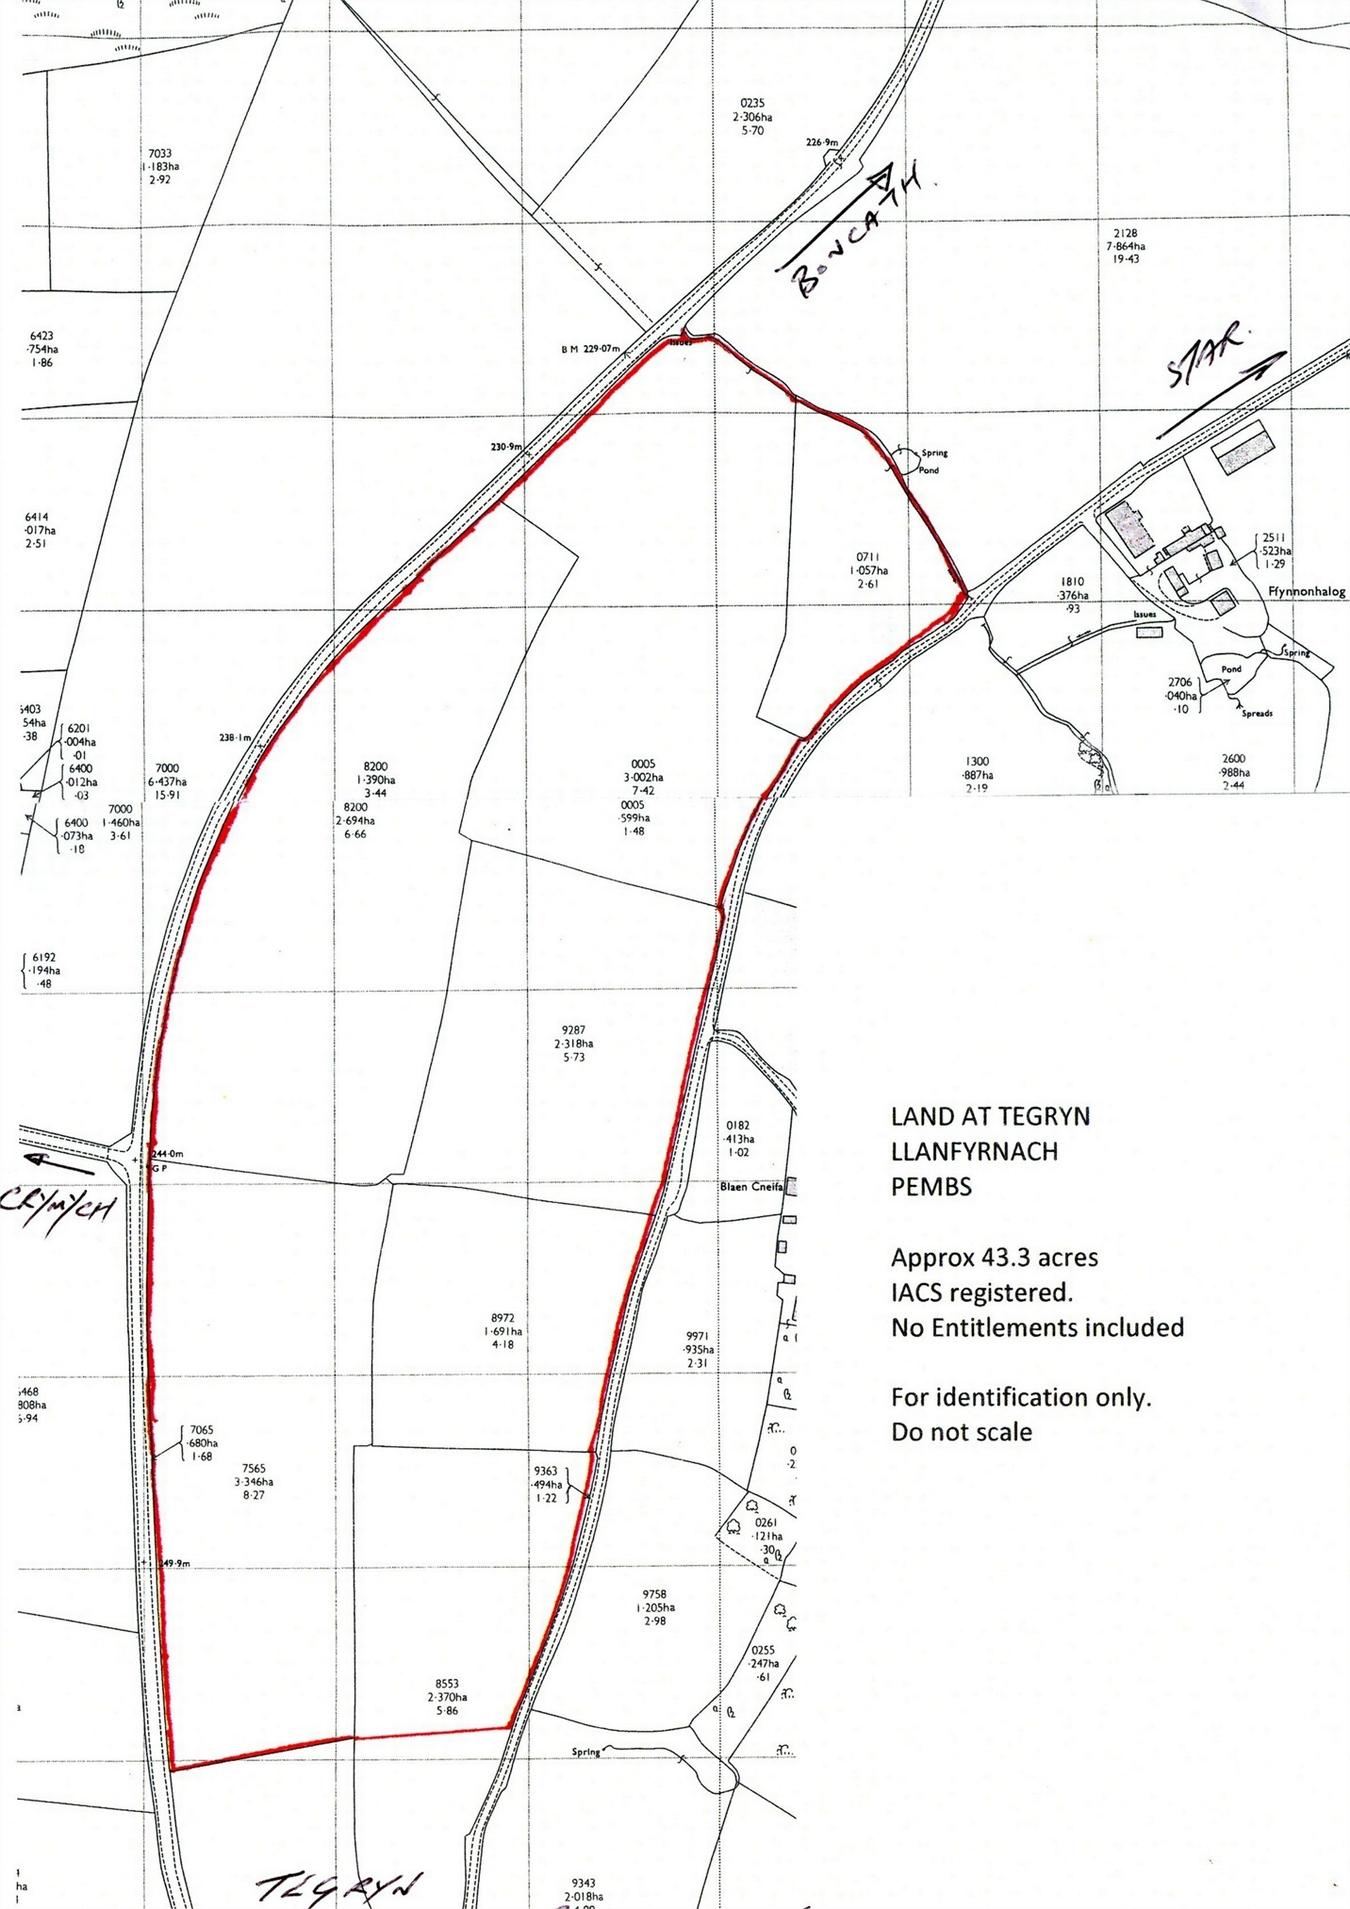 Land For Sale In 43 3 Acres Land Tegryn Llanfyrnach